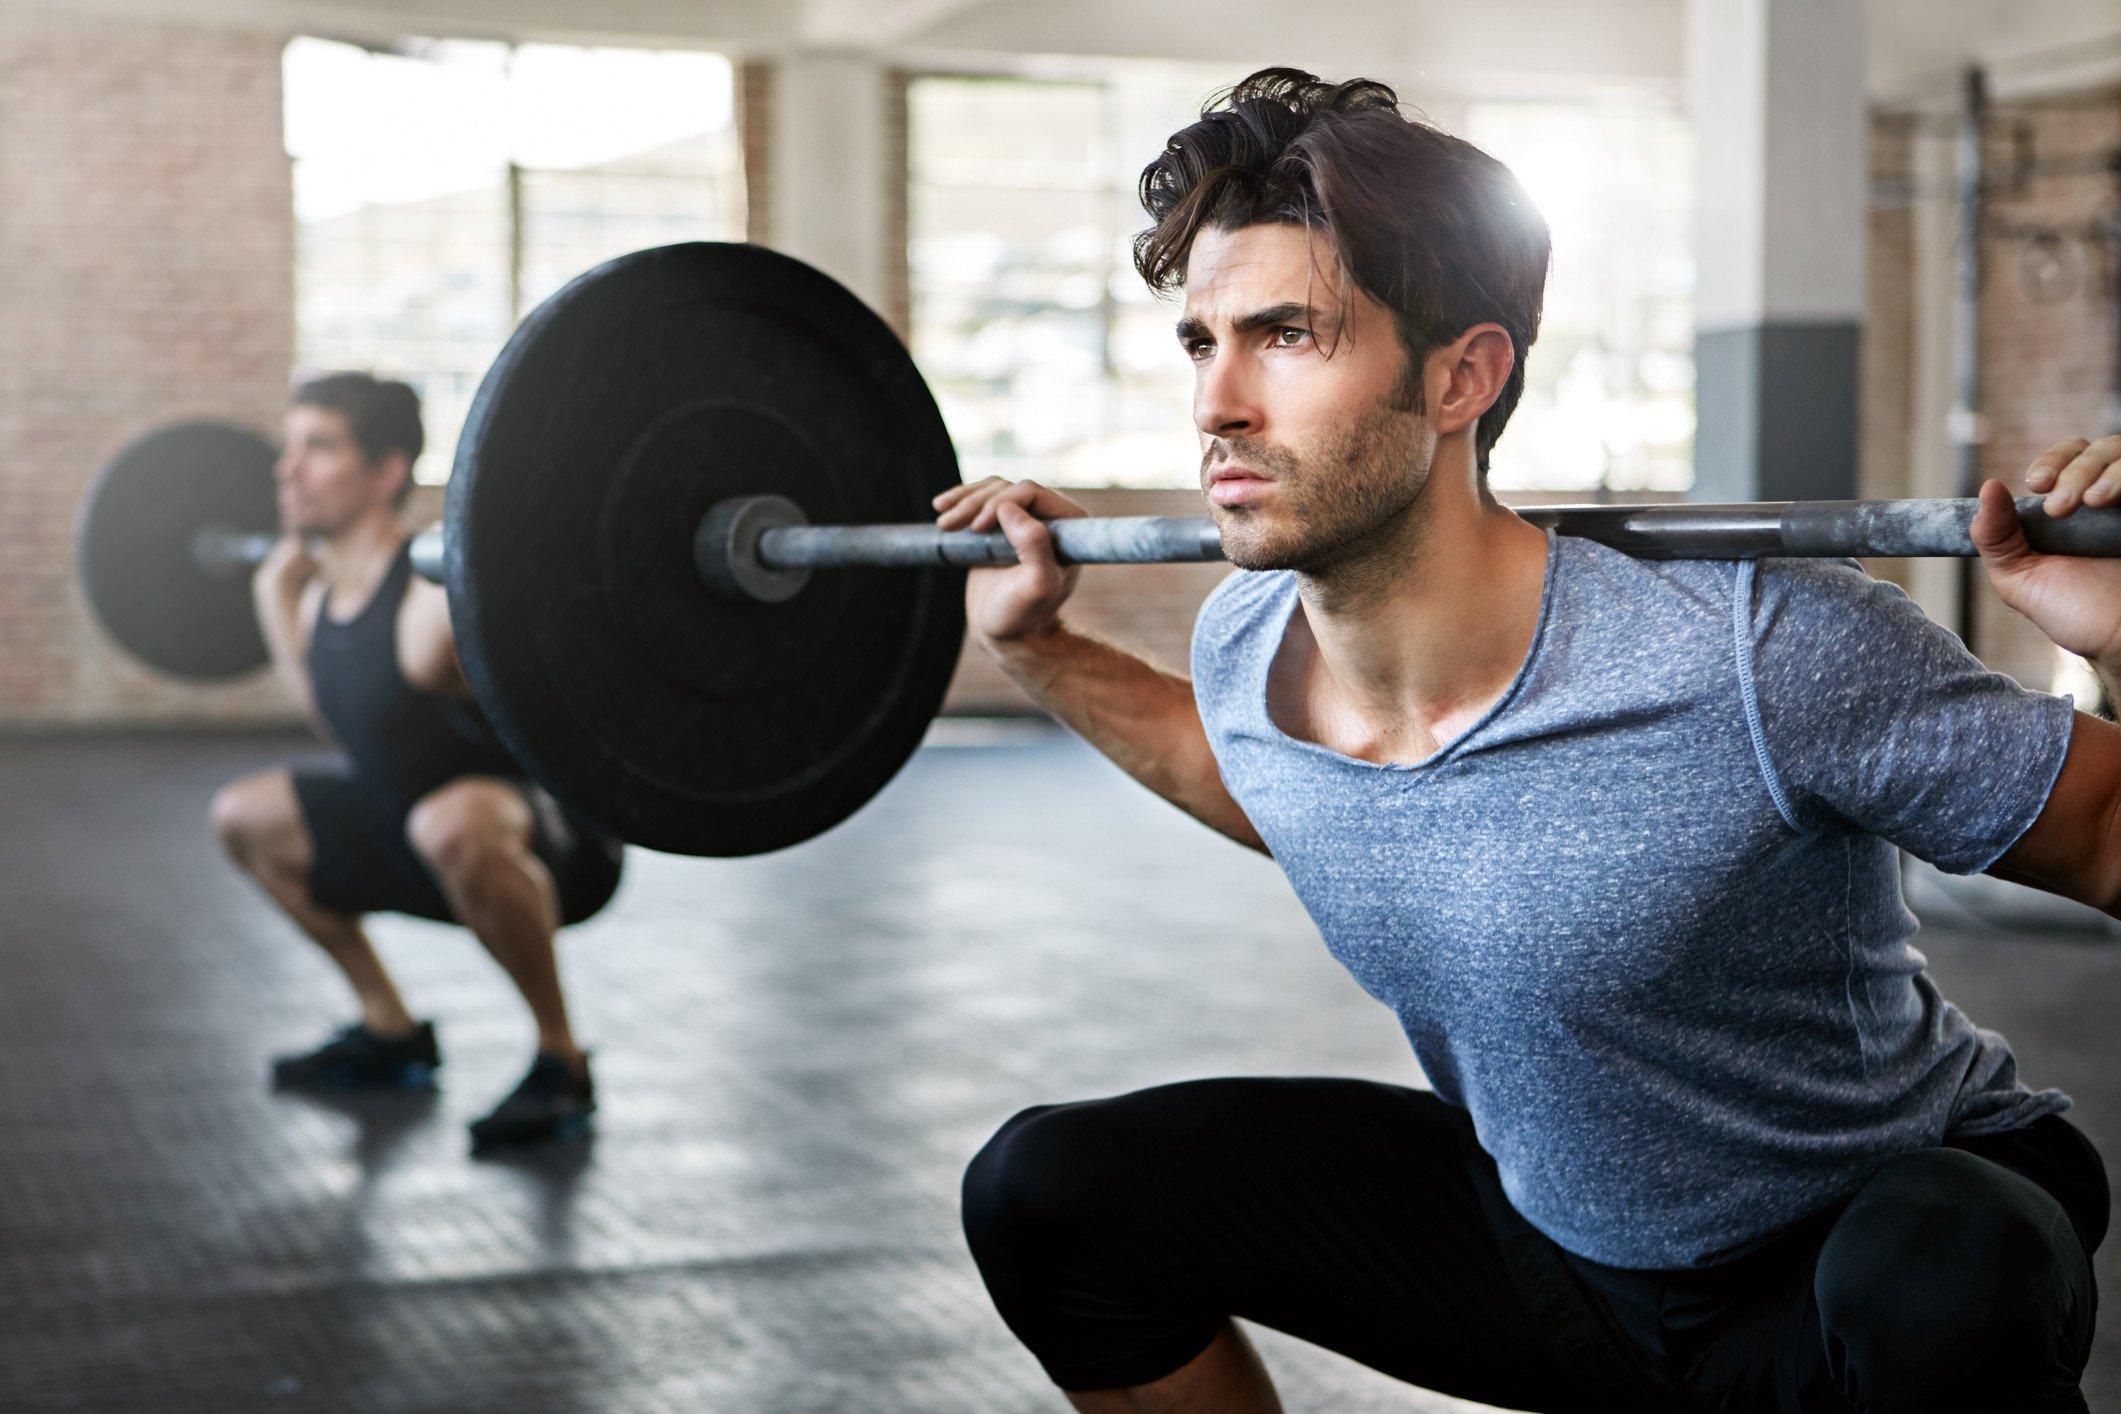 Как быстро набрать вес подростку в домашних условиях. как набрать мышечную массу подростку